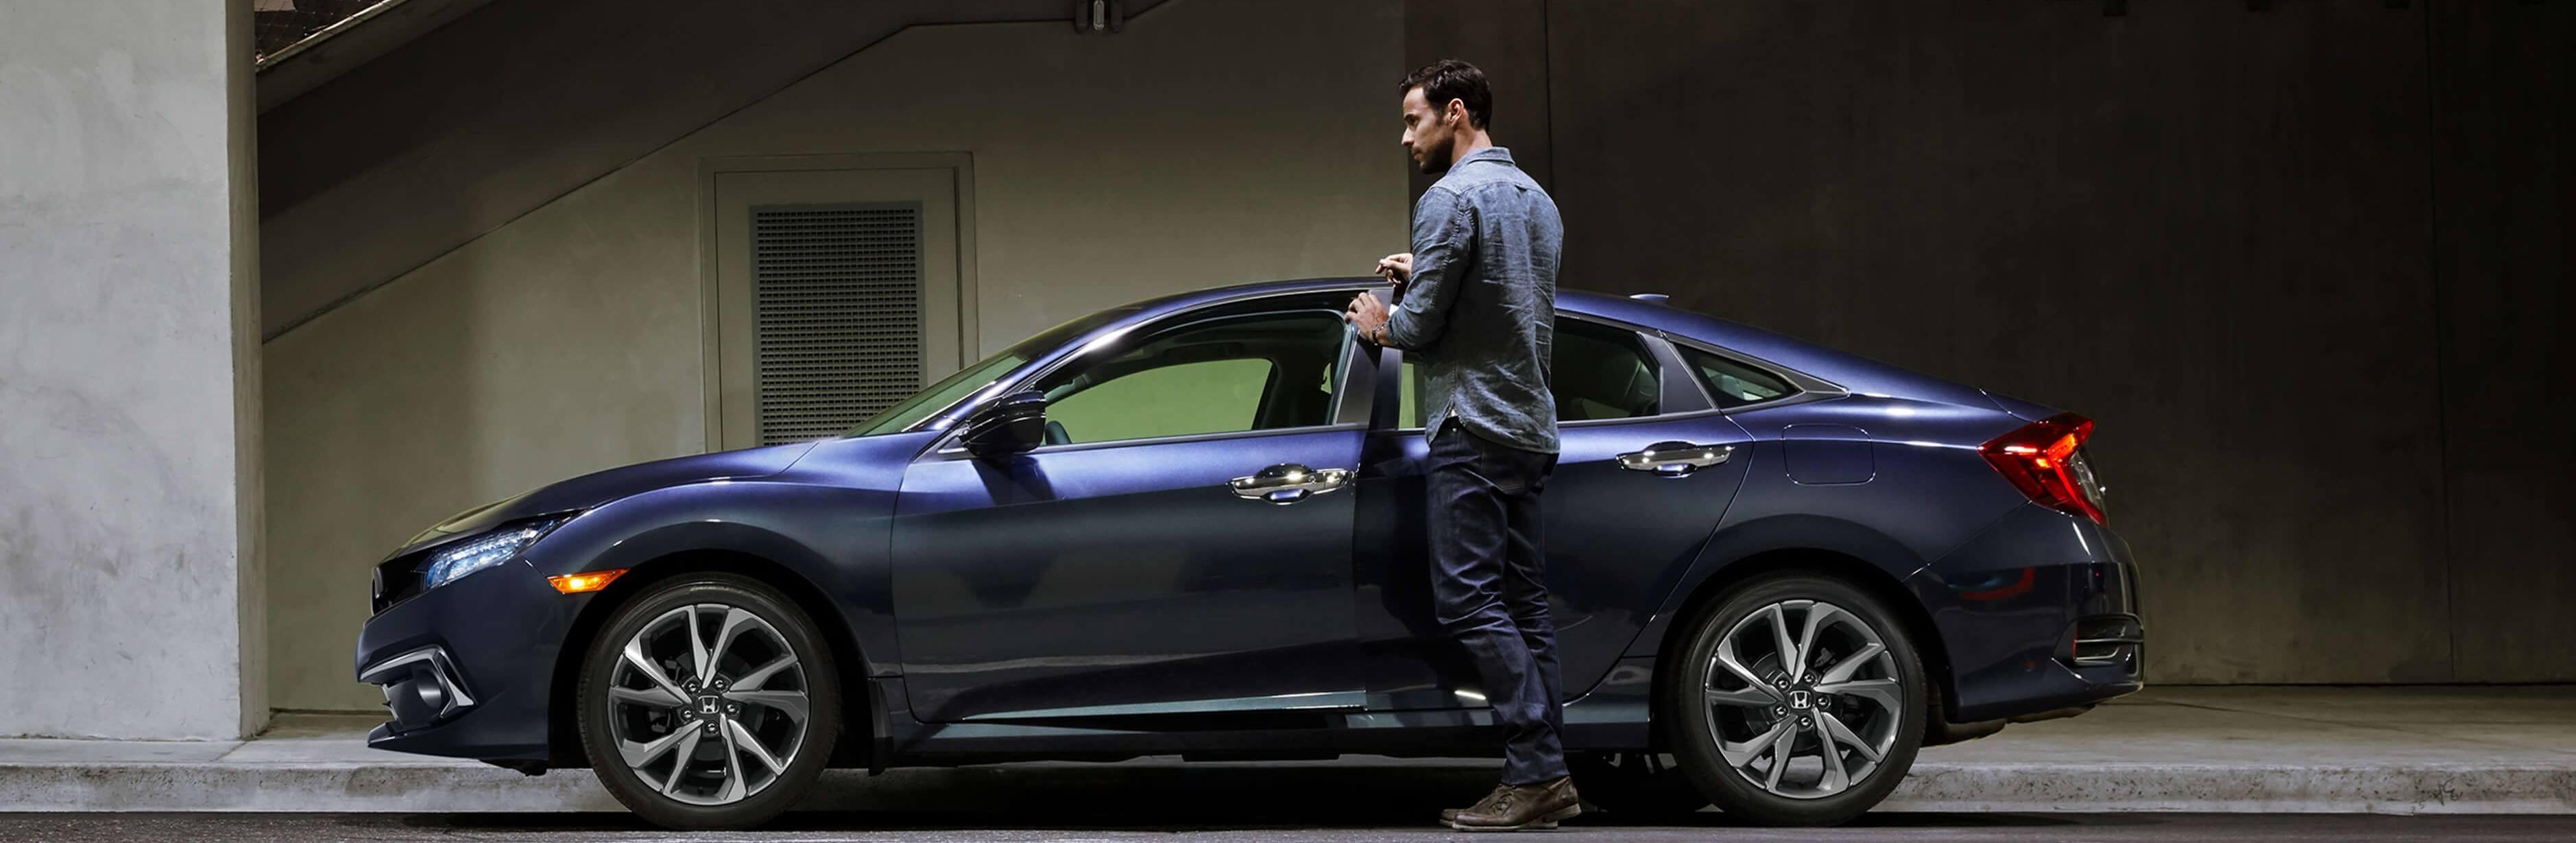 2021 Honda Civic Performance